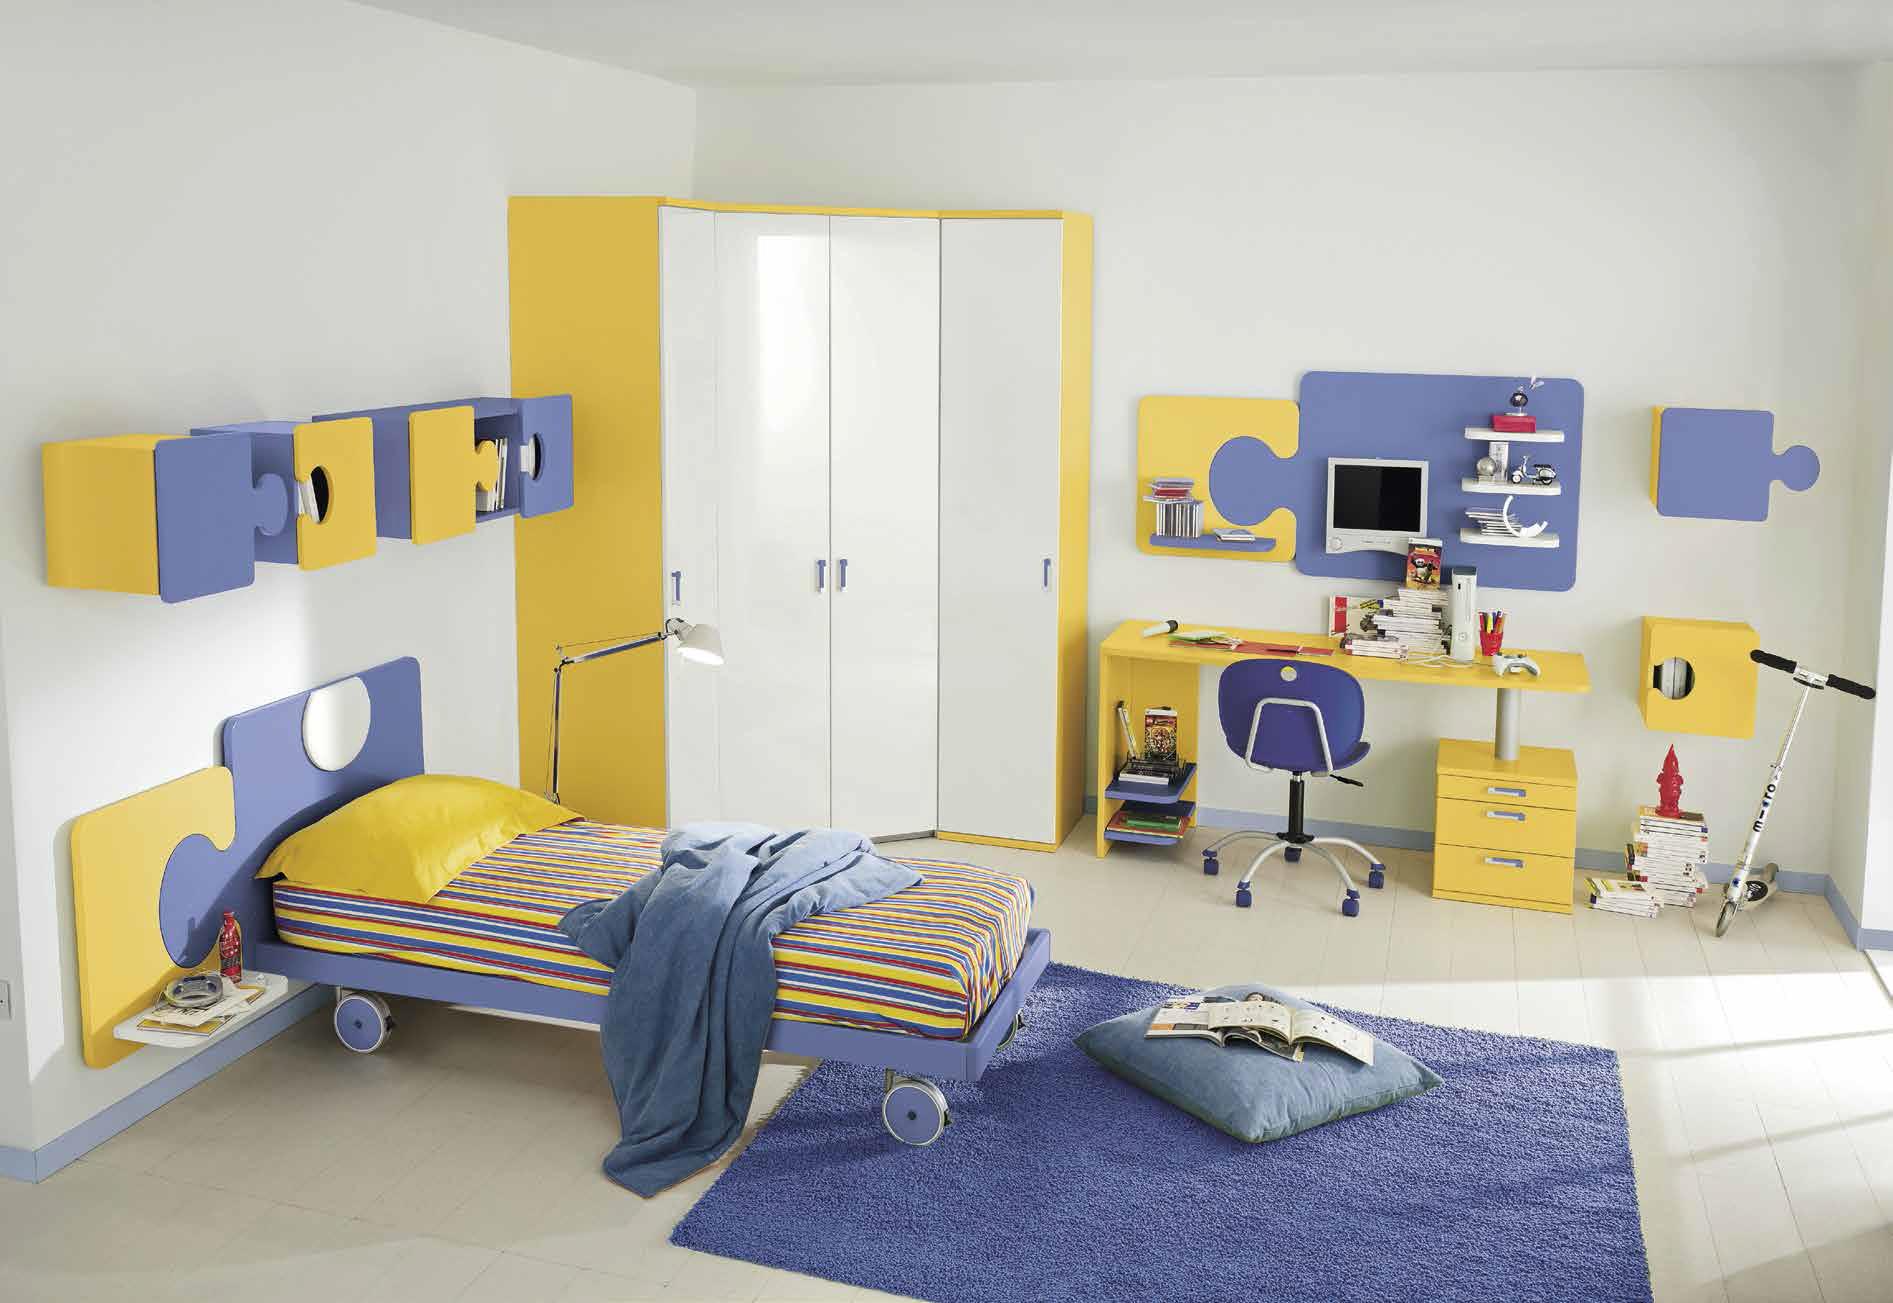 Camerette - mobili per la cameretta - lettini - Centro Mobili